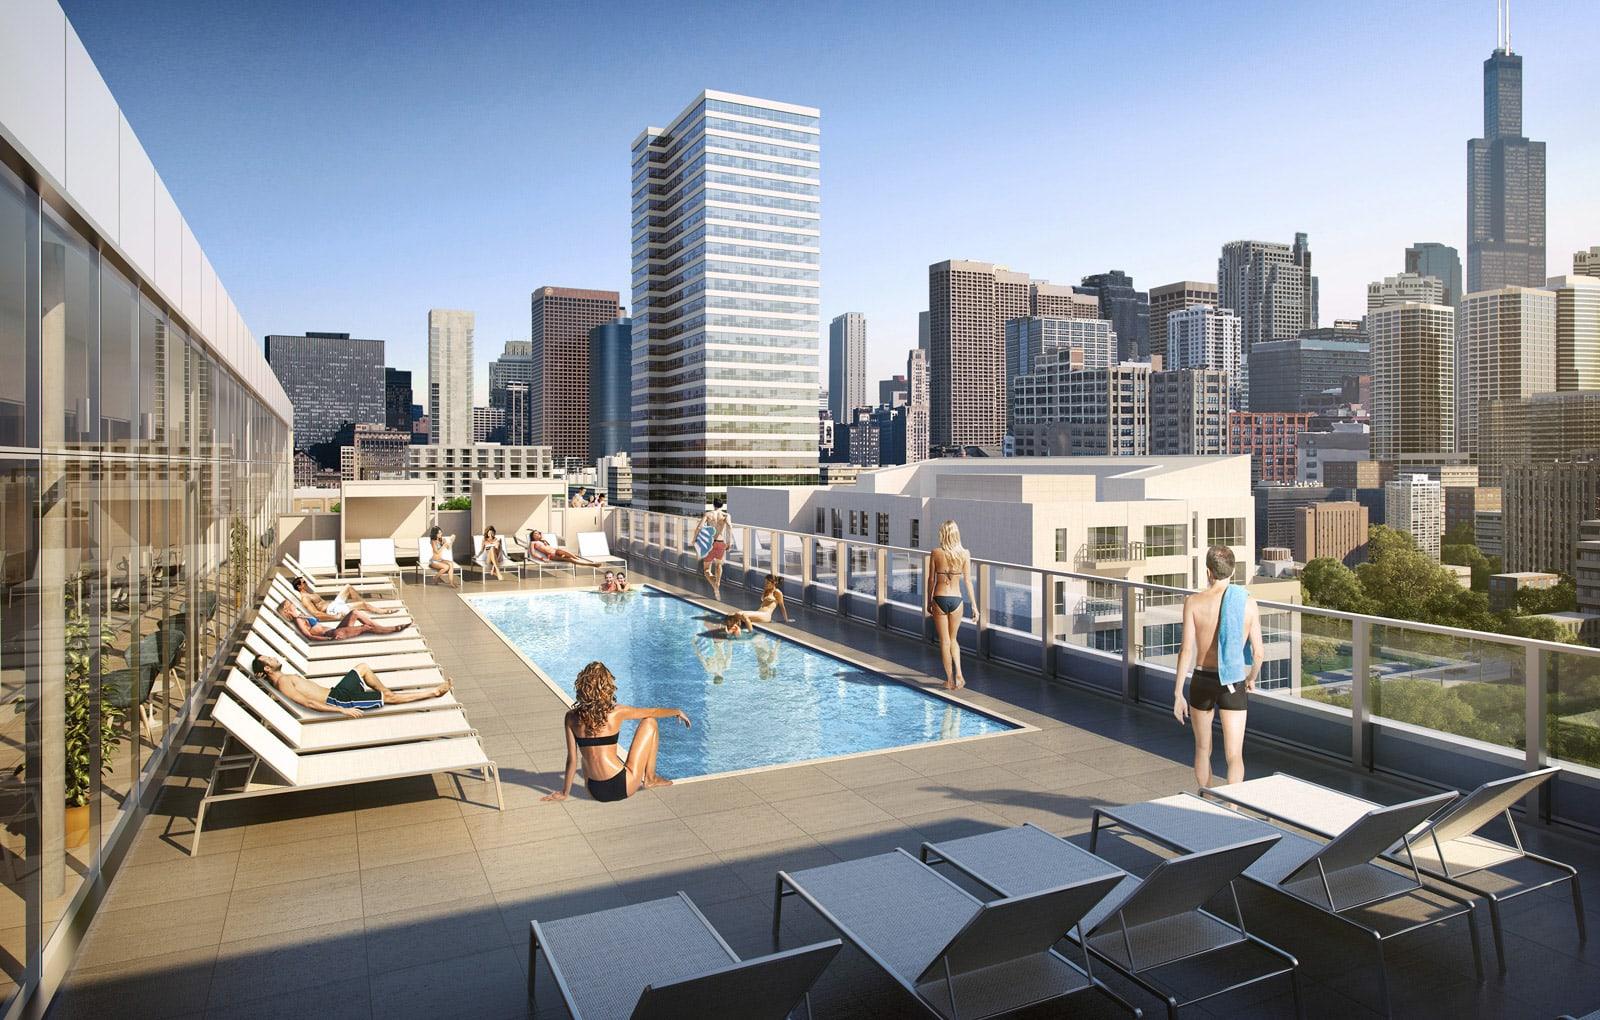 The Van Buren | Apartments in Chicago, IL